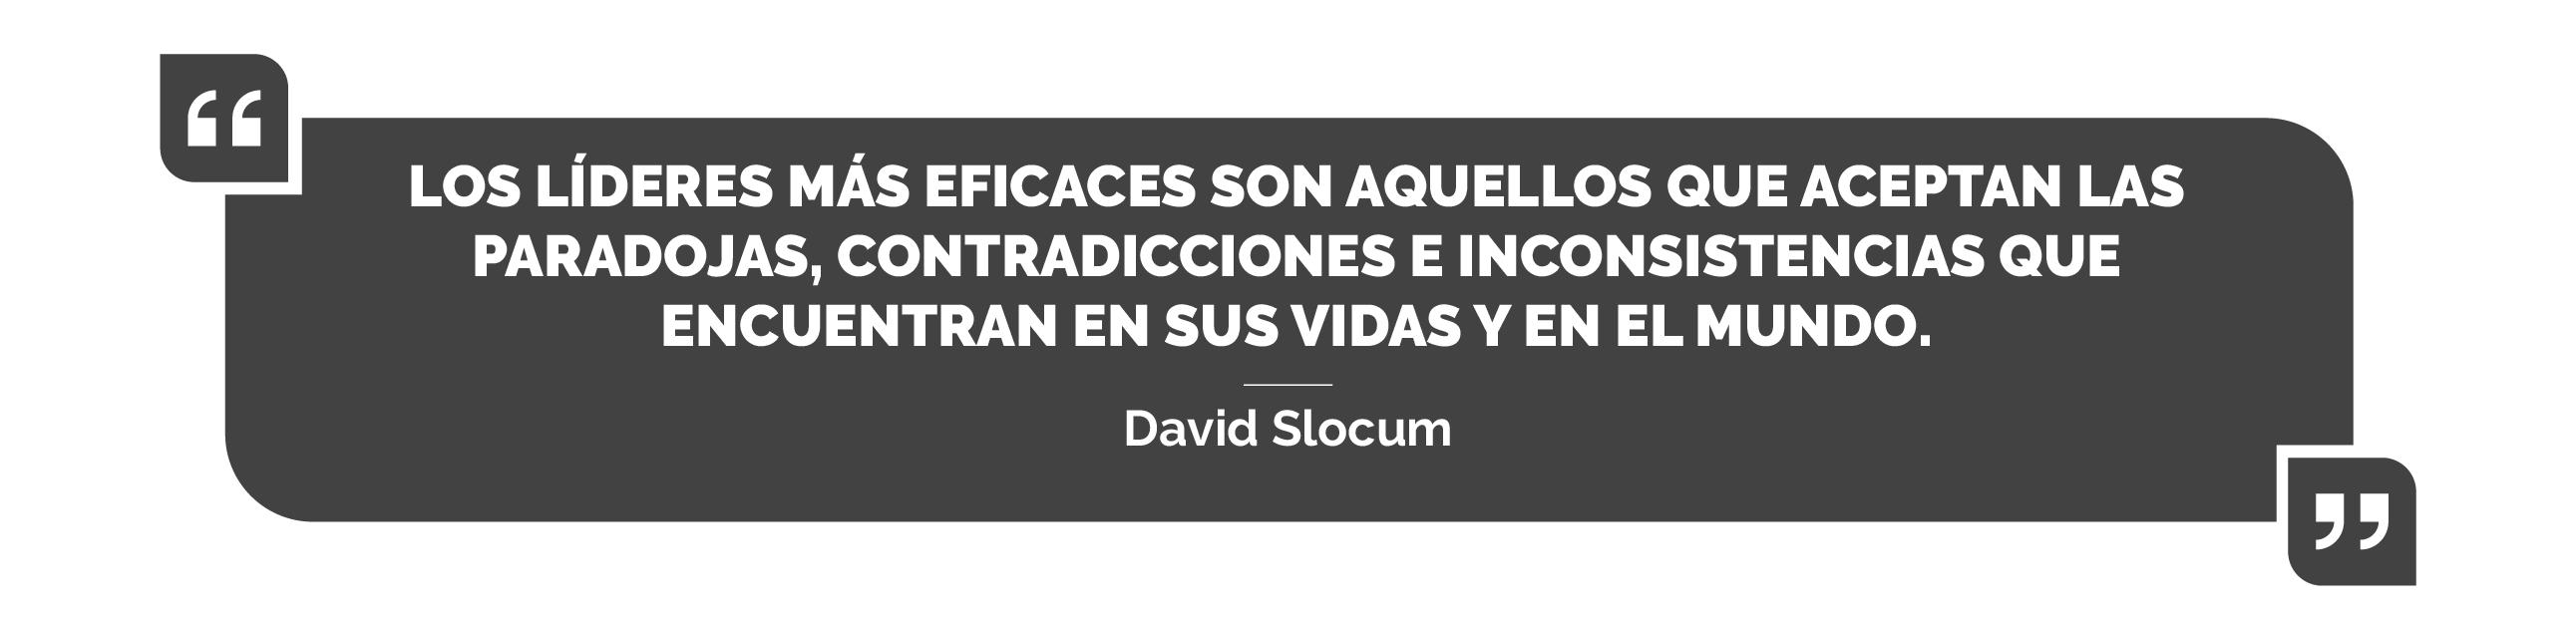 QUOTES DAVID SLOCUM-03